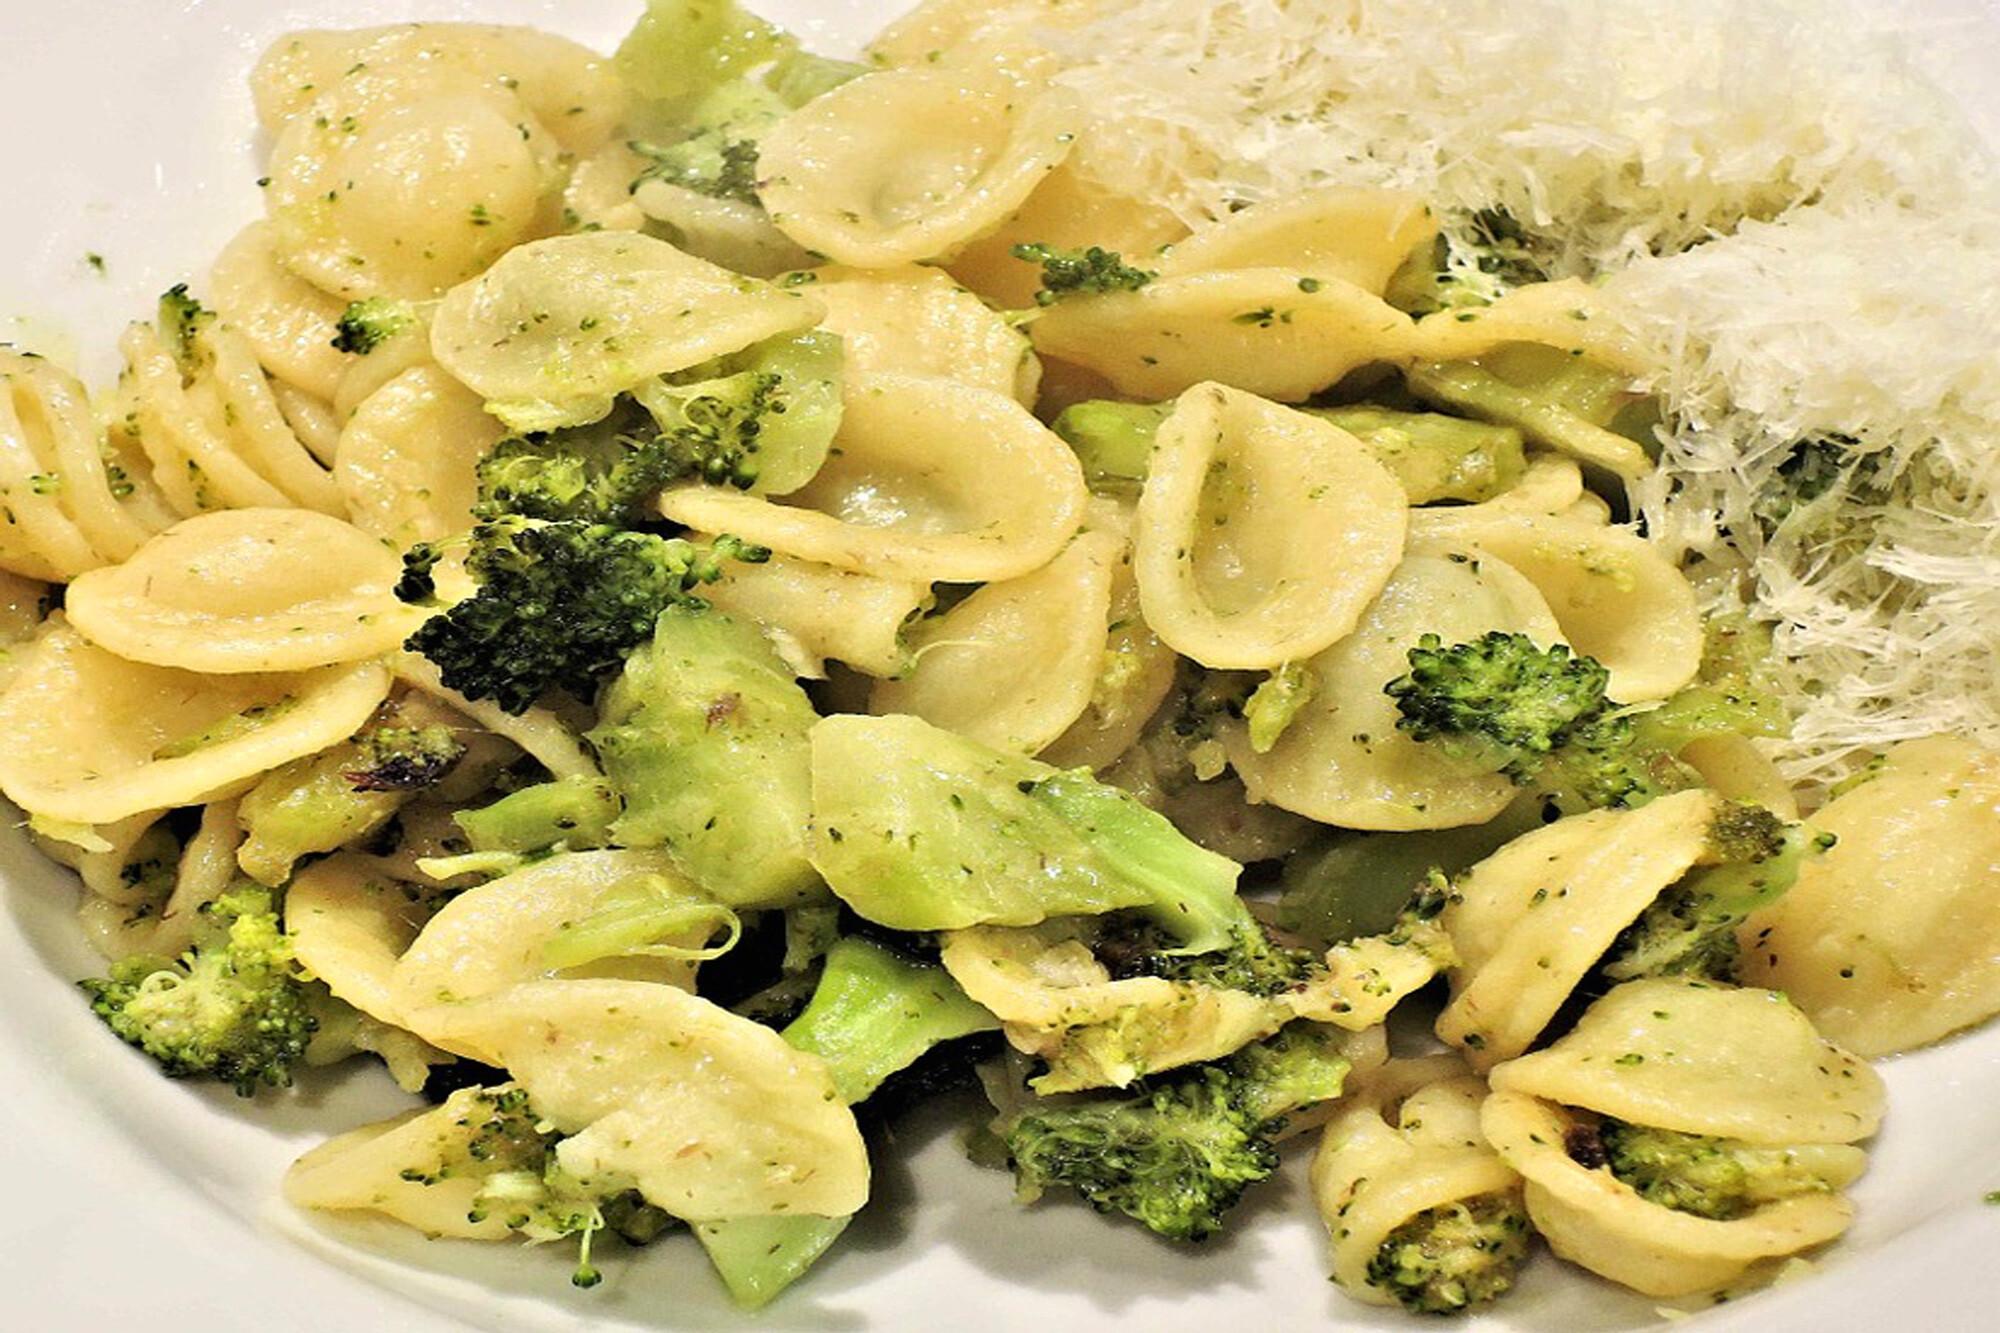 Marios Italian Deli | Picture of Parmesan Broccoli Orecchiette